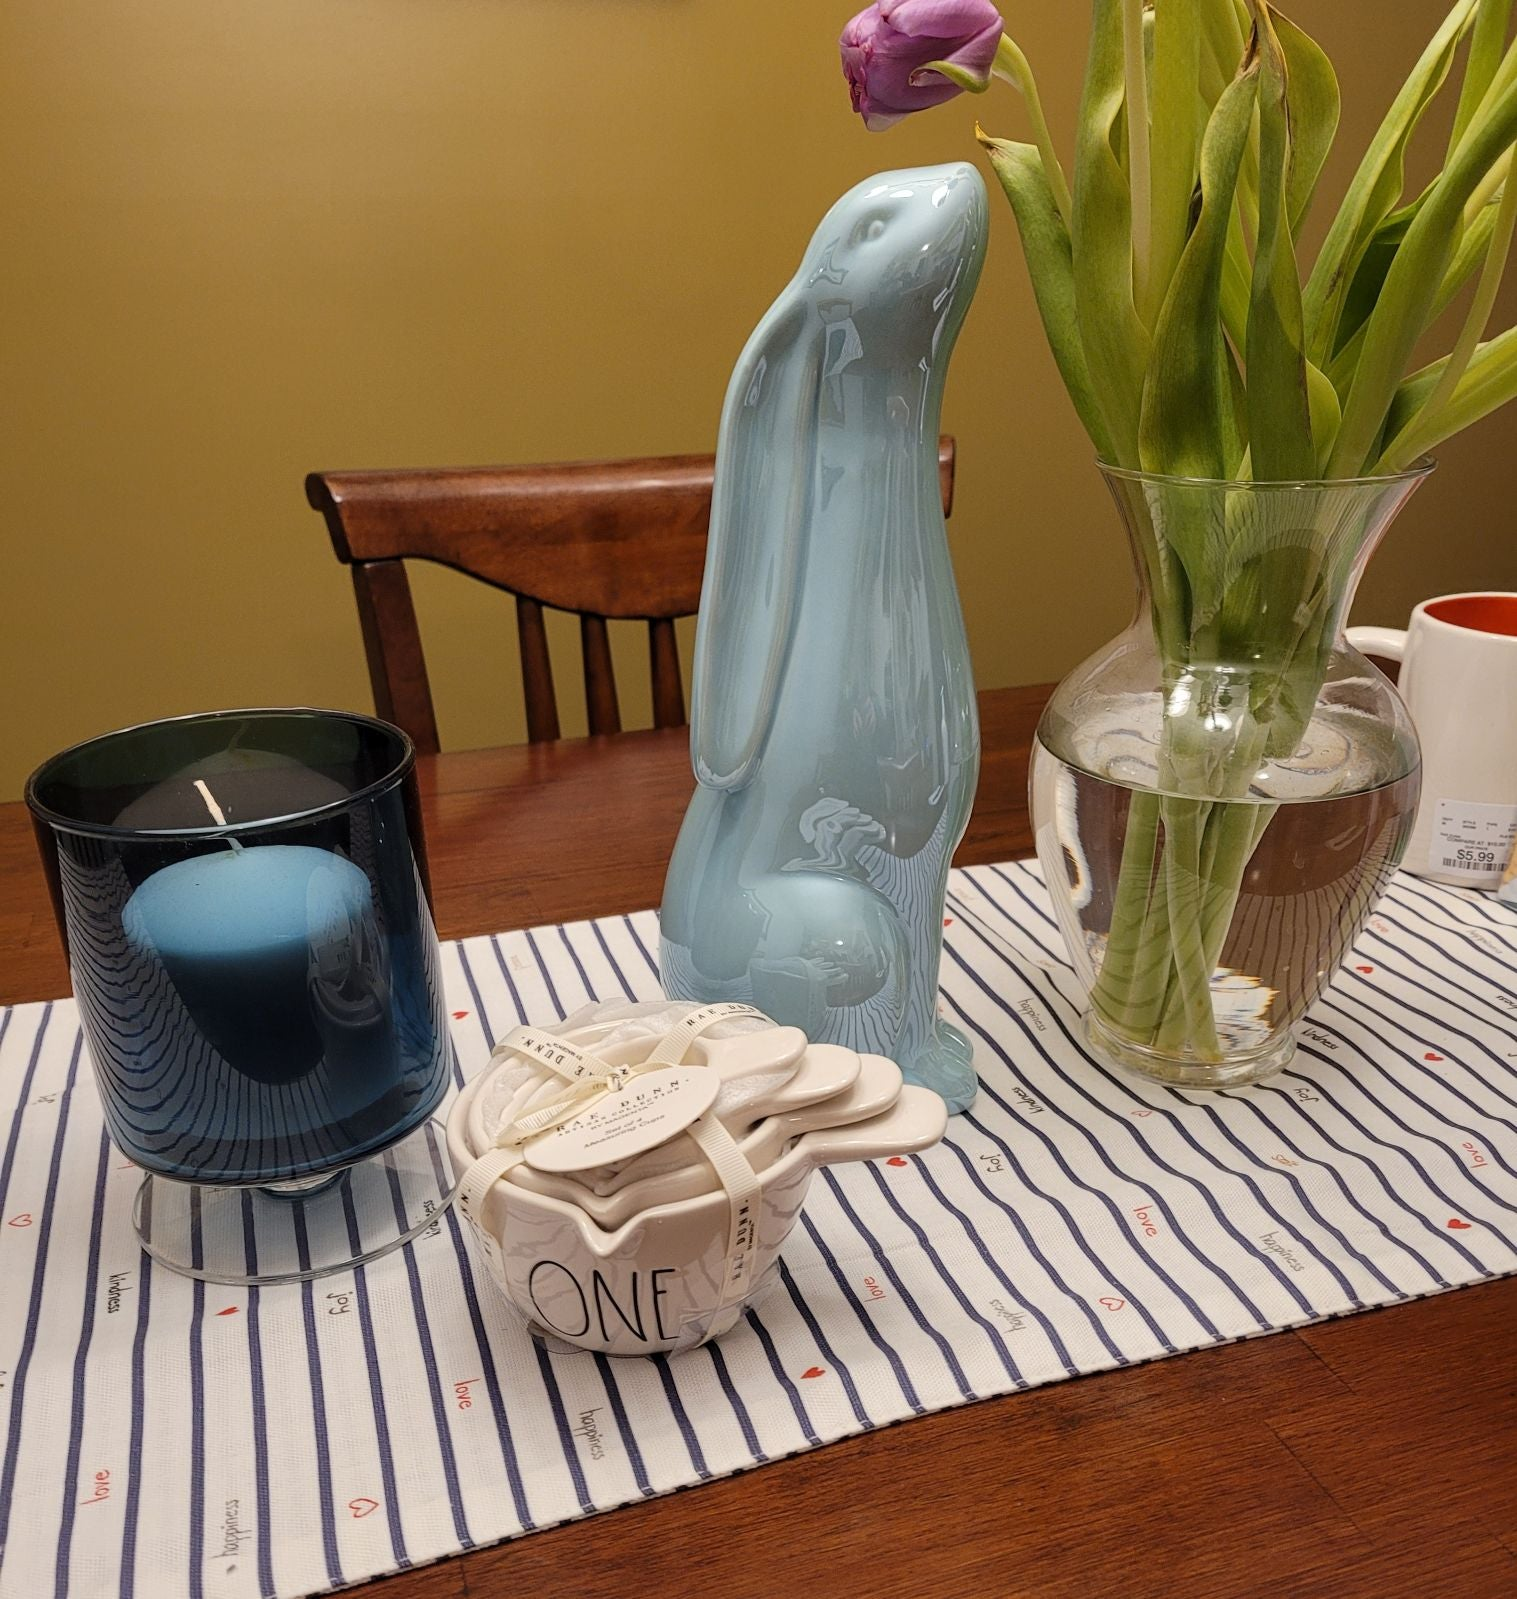 Rae Dunn measuring cups